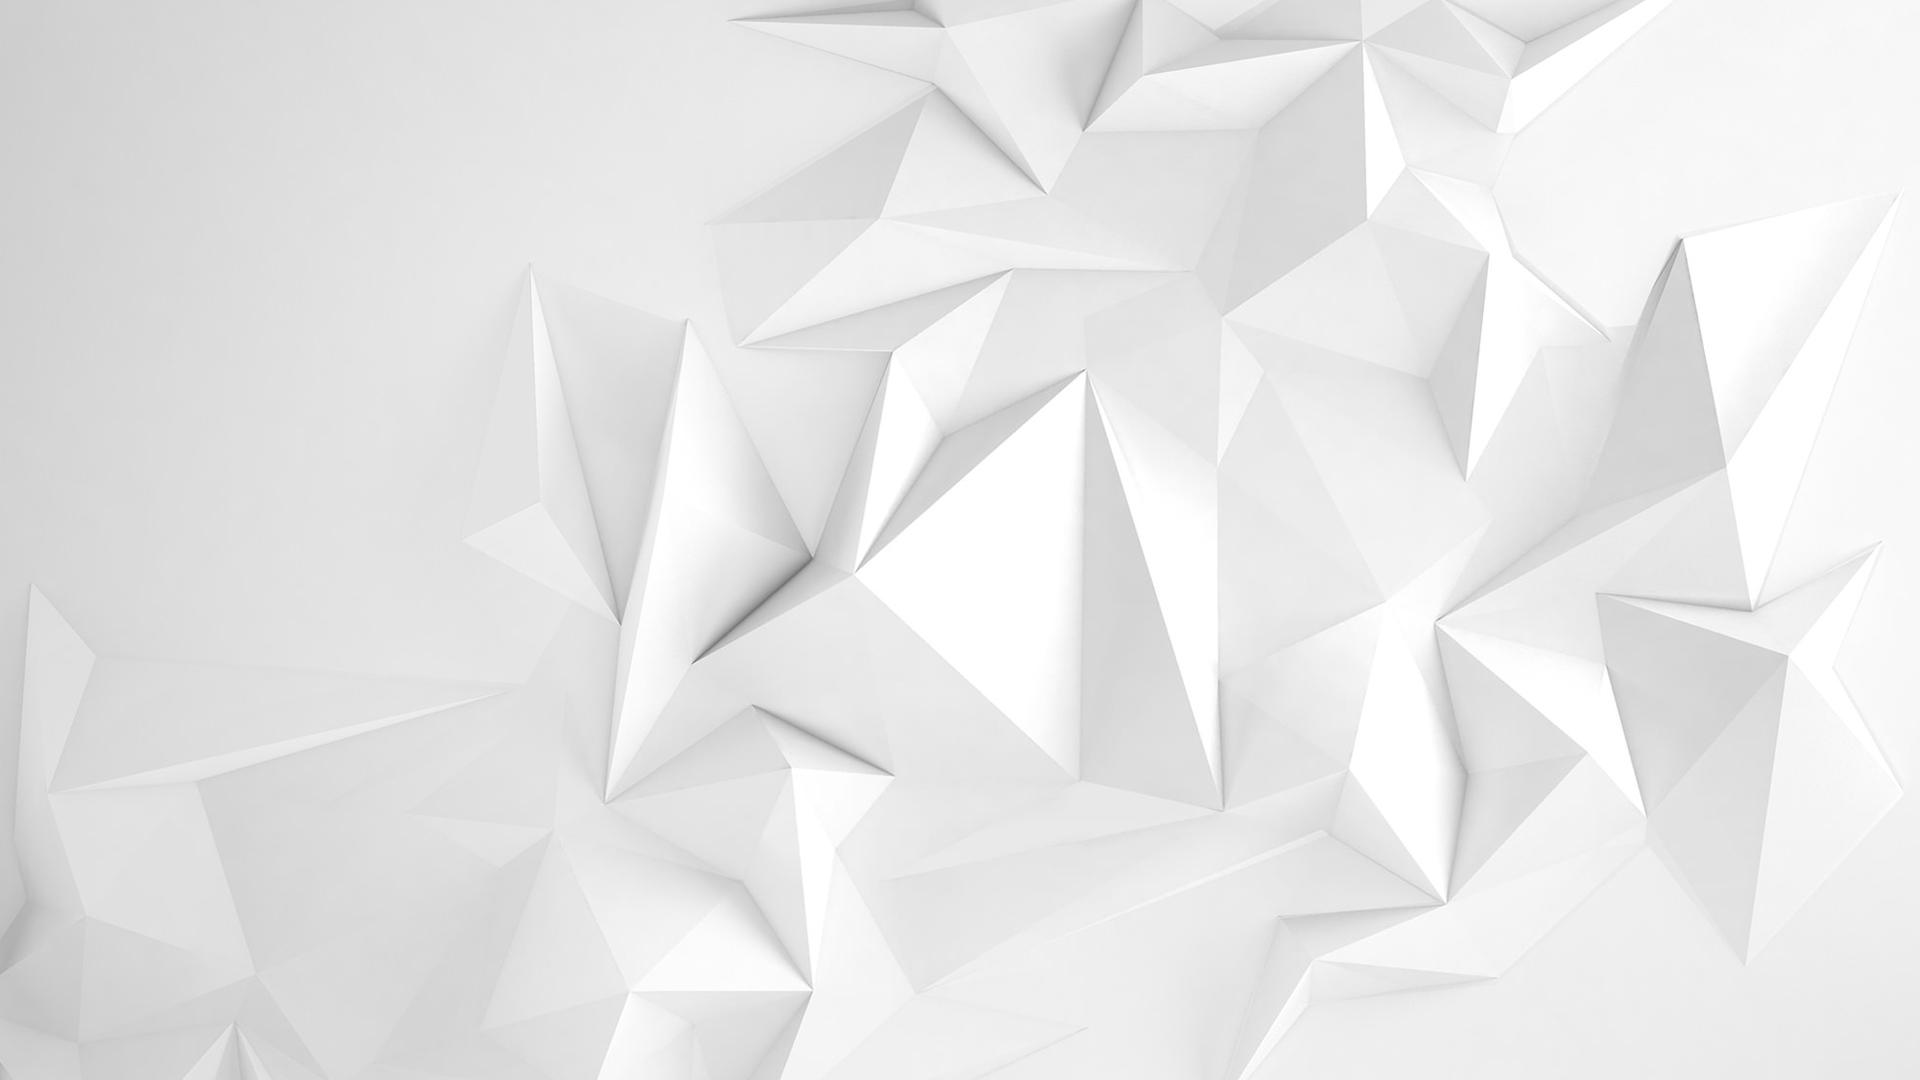 Proyectos de Diseño Gráfico